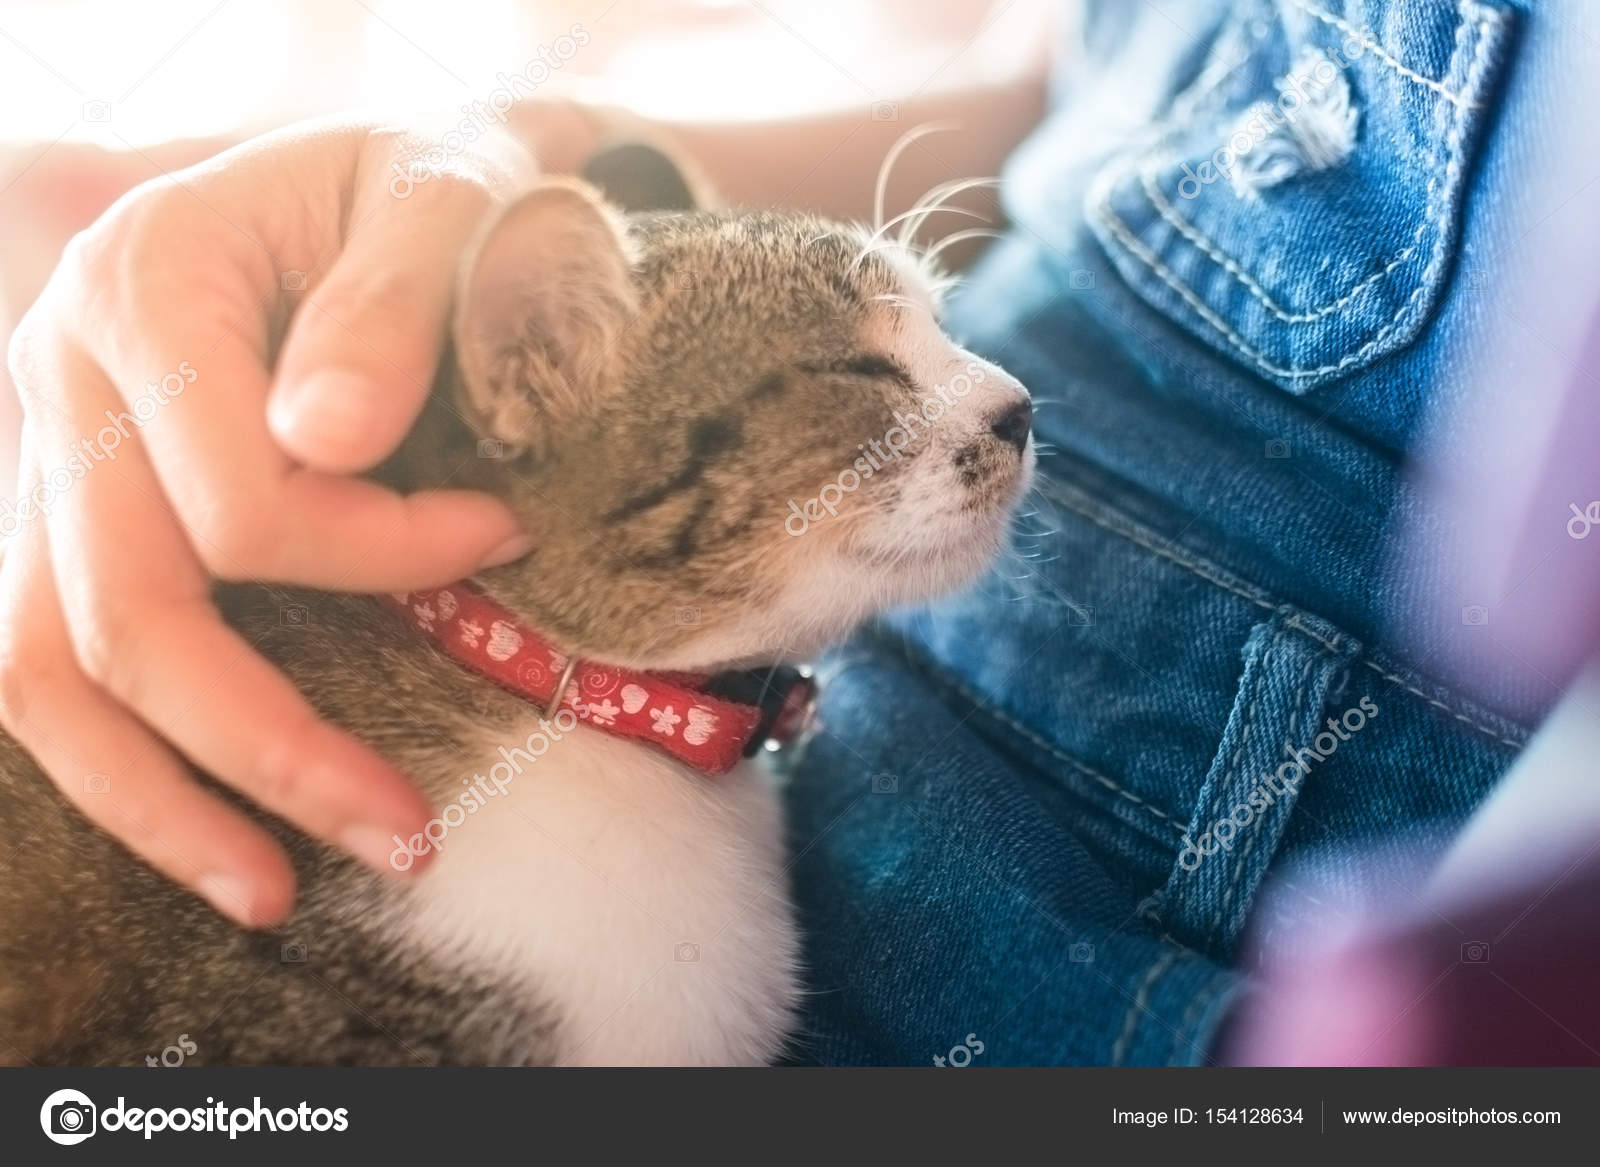 Chat mignon beanimal fond chat mignon meilleur ami sur hug fille femmes et  processus flou tonest ami fille femmes câlin et traiter ton flou \u2014 Image de